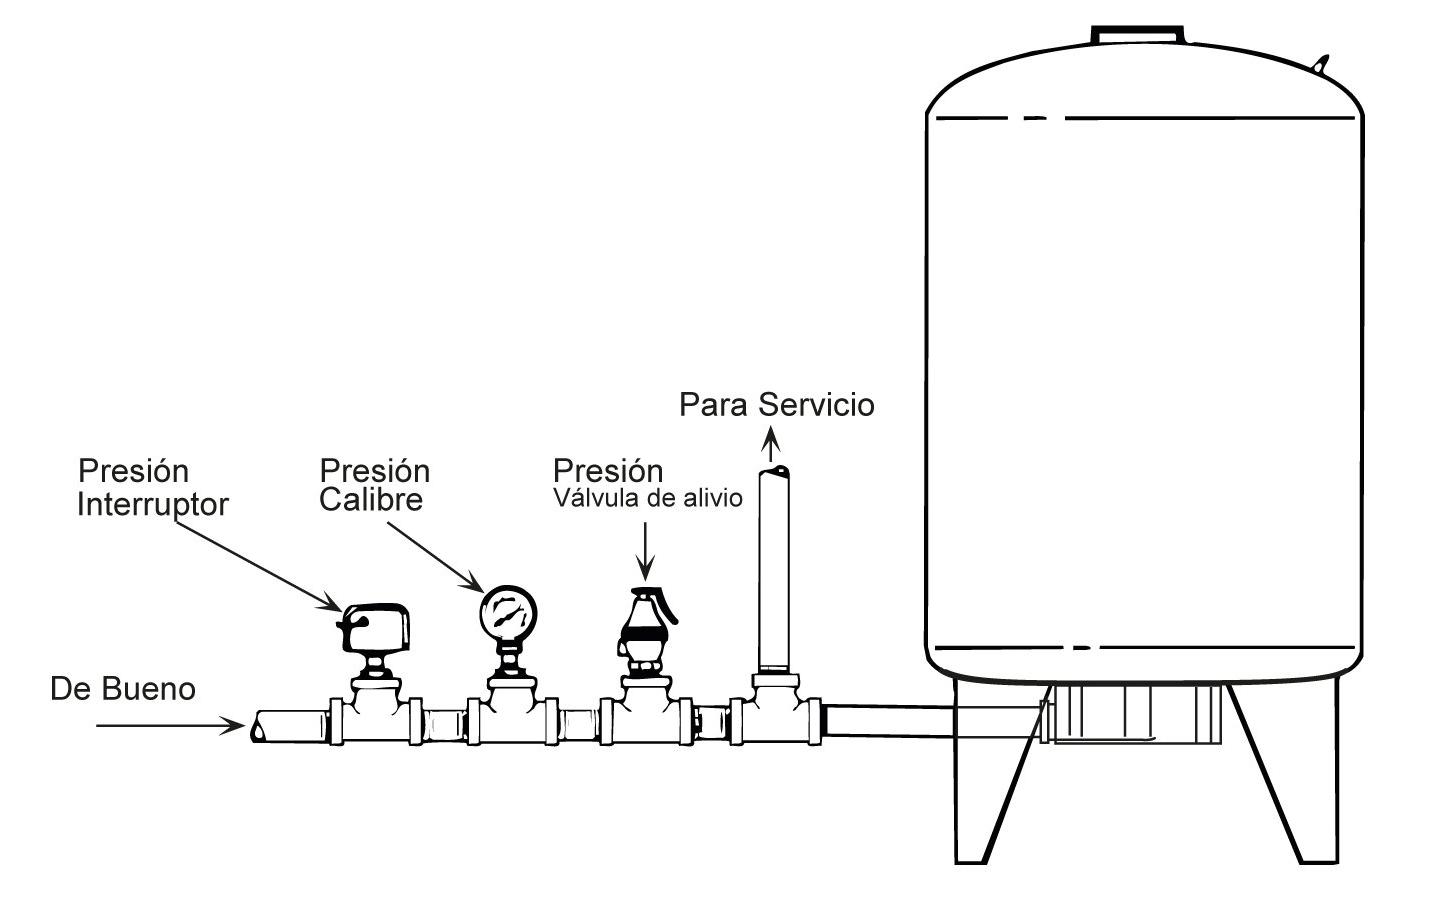 Diagrama Tanques de Presión Precargada HT7-01 / HT20 / VT14 / VT19 / VT20 / VT36 / VT52 / VT96 / VT99